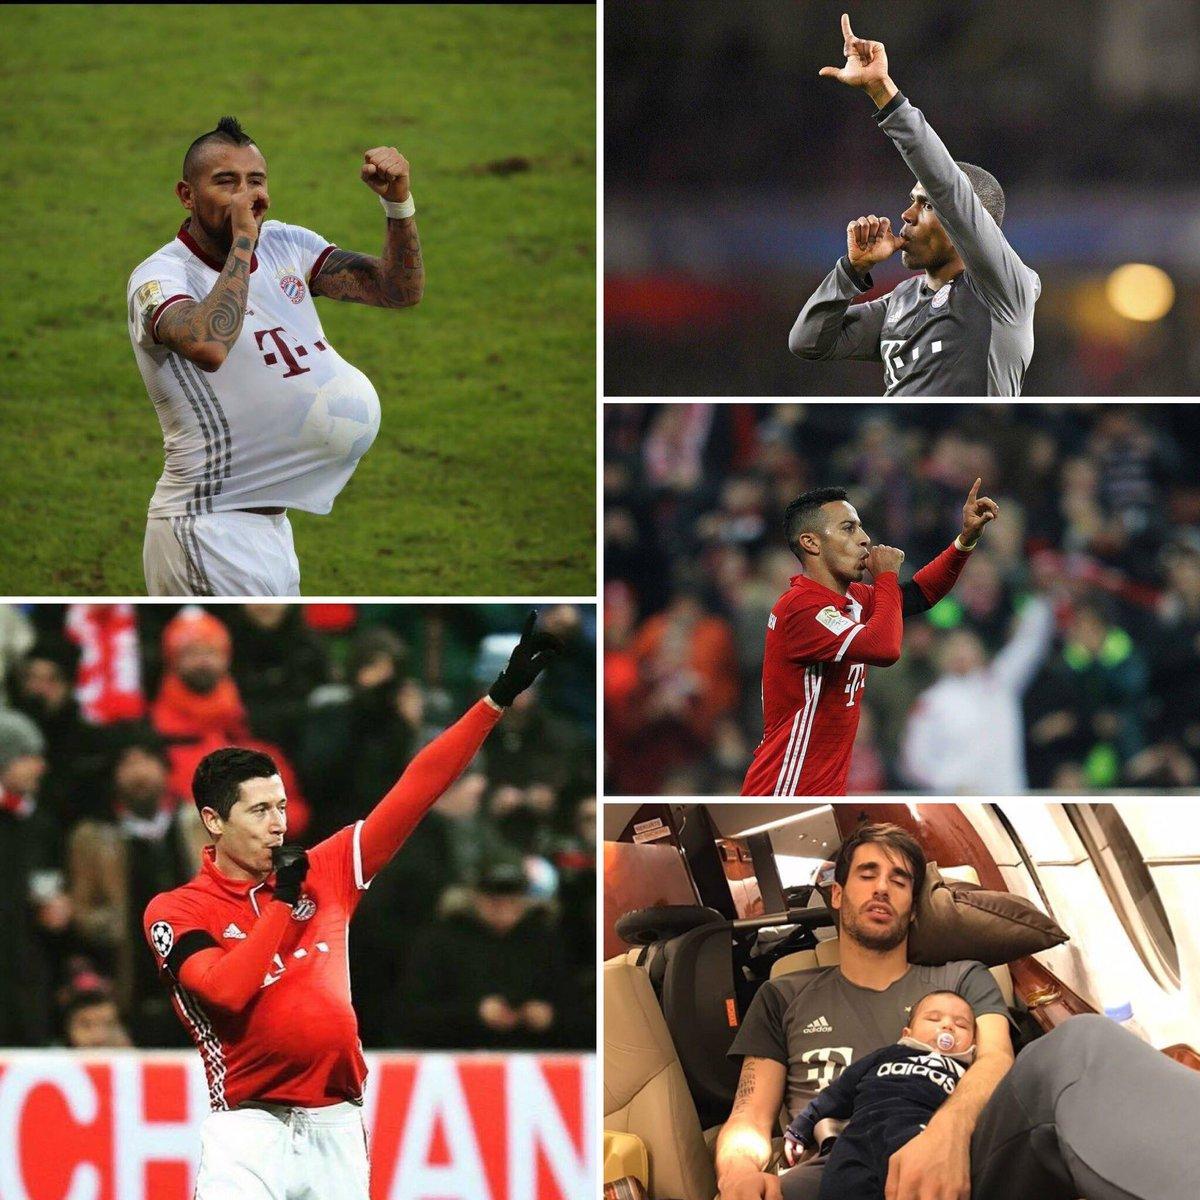 The #FCBayern baby boom! 👶🎈 #MiaSanMia https://t.co/I4fLYo3H9s